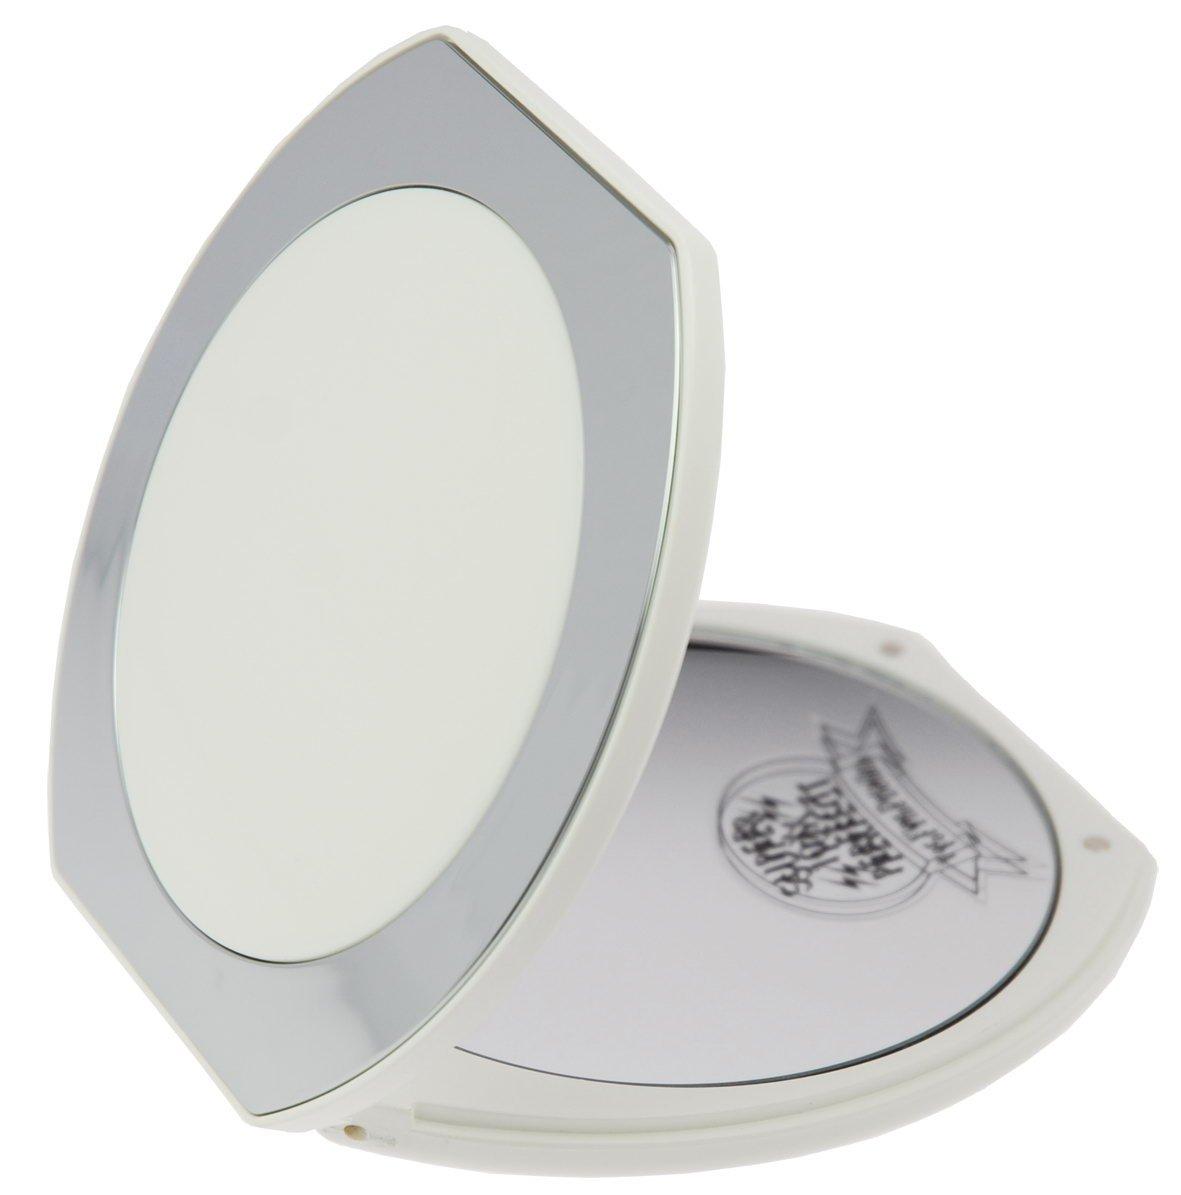 Fantasia Taschenspiegel, mit 10-facher Vergrößerung, Maße: 10 x 10.5 cm weiß/silber 44061